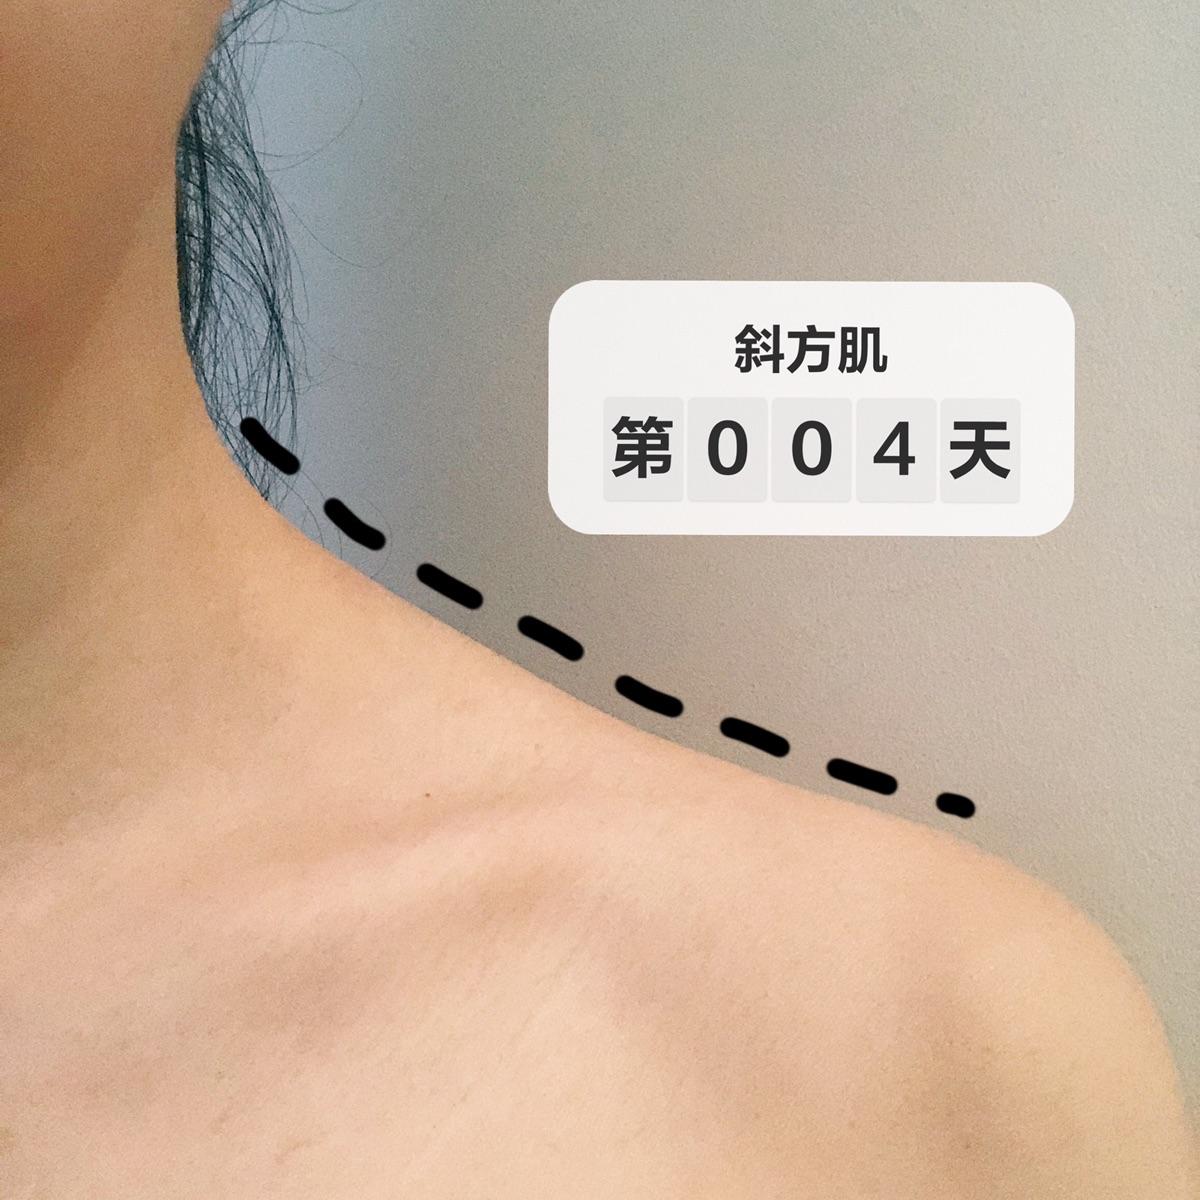 30天斜方肌训练 week 1